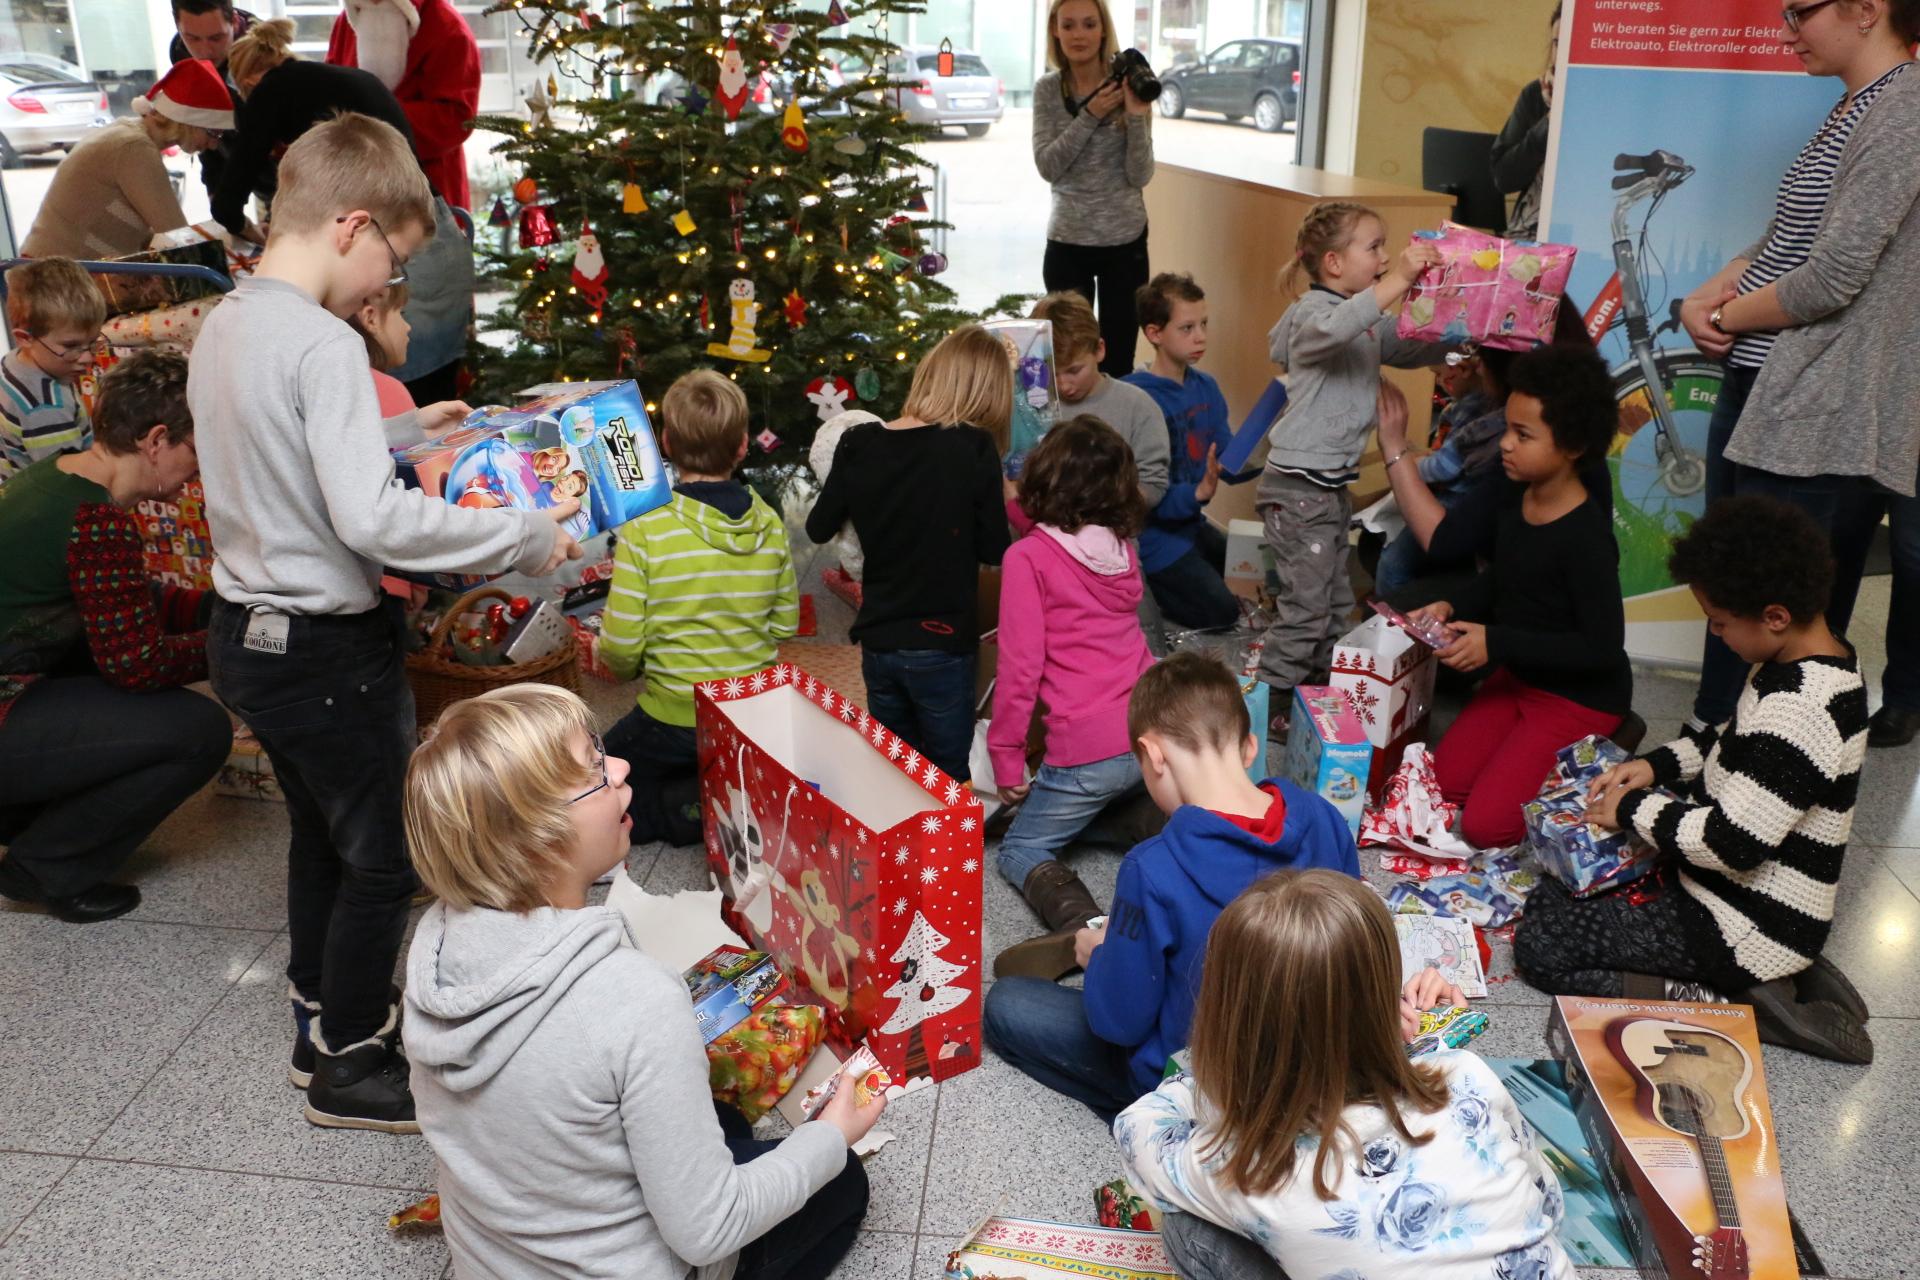 Kinderheim Weihnachtsgeschenke.Weihnachtsgeschenke Für Das Kinderheim Clara Zetkin In Halle